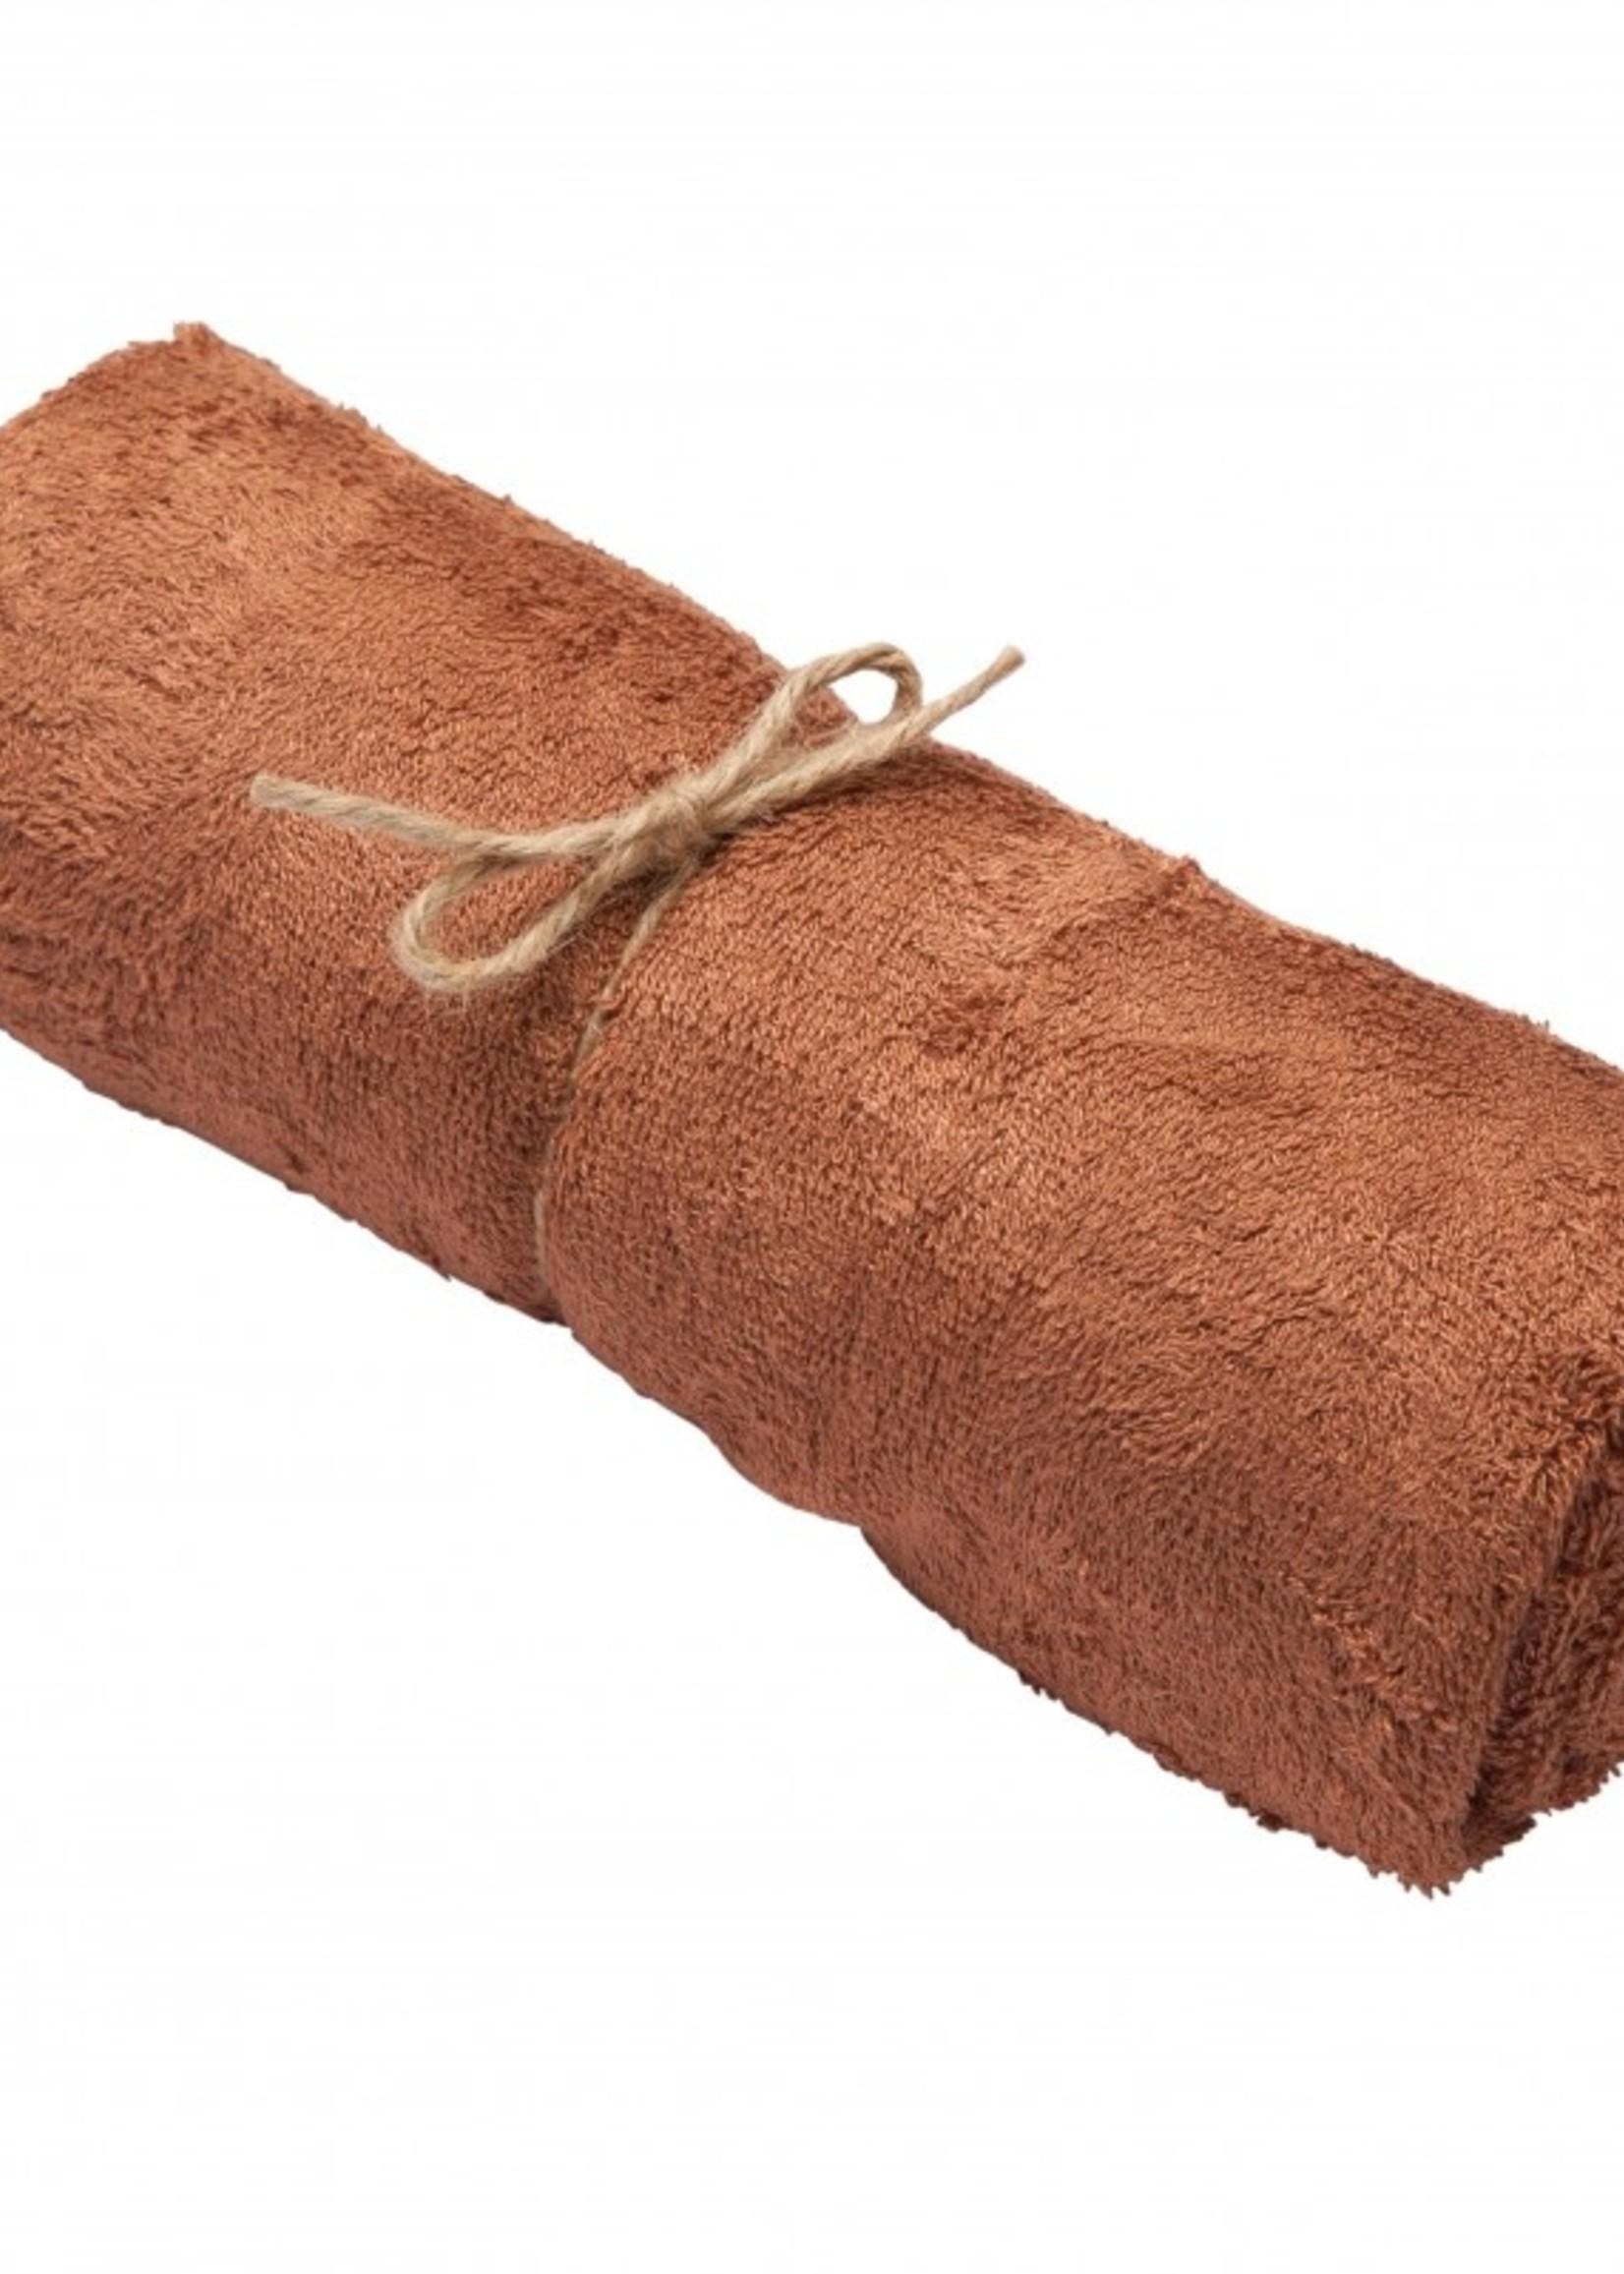 Timboo Towel 74x110 cm Hazel Brown